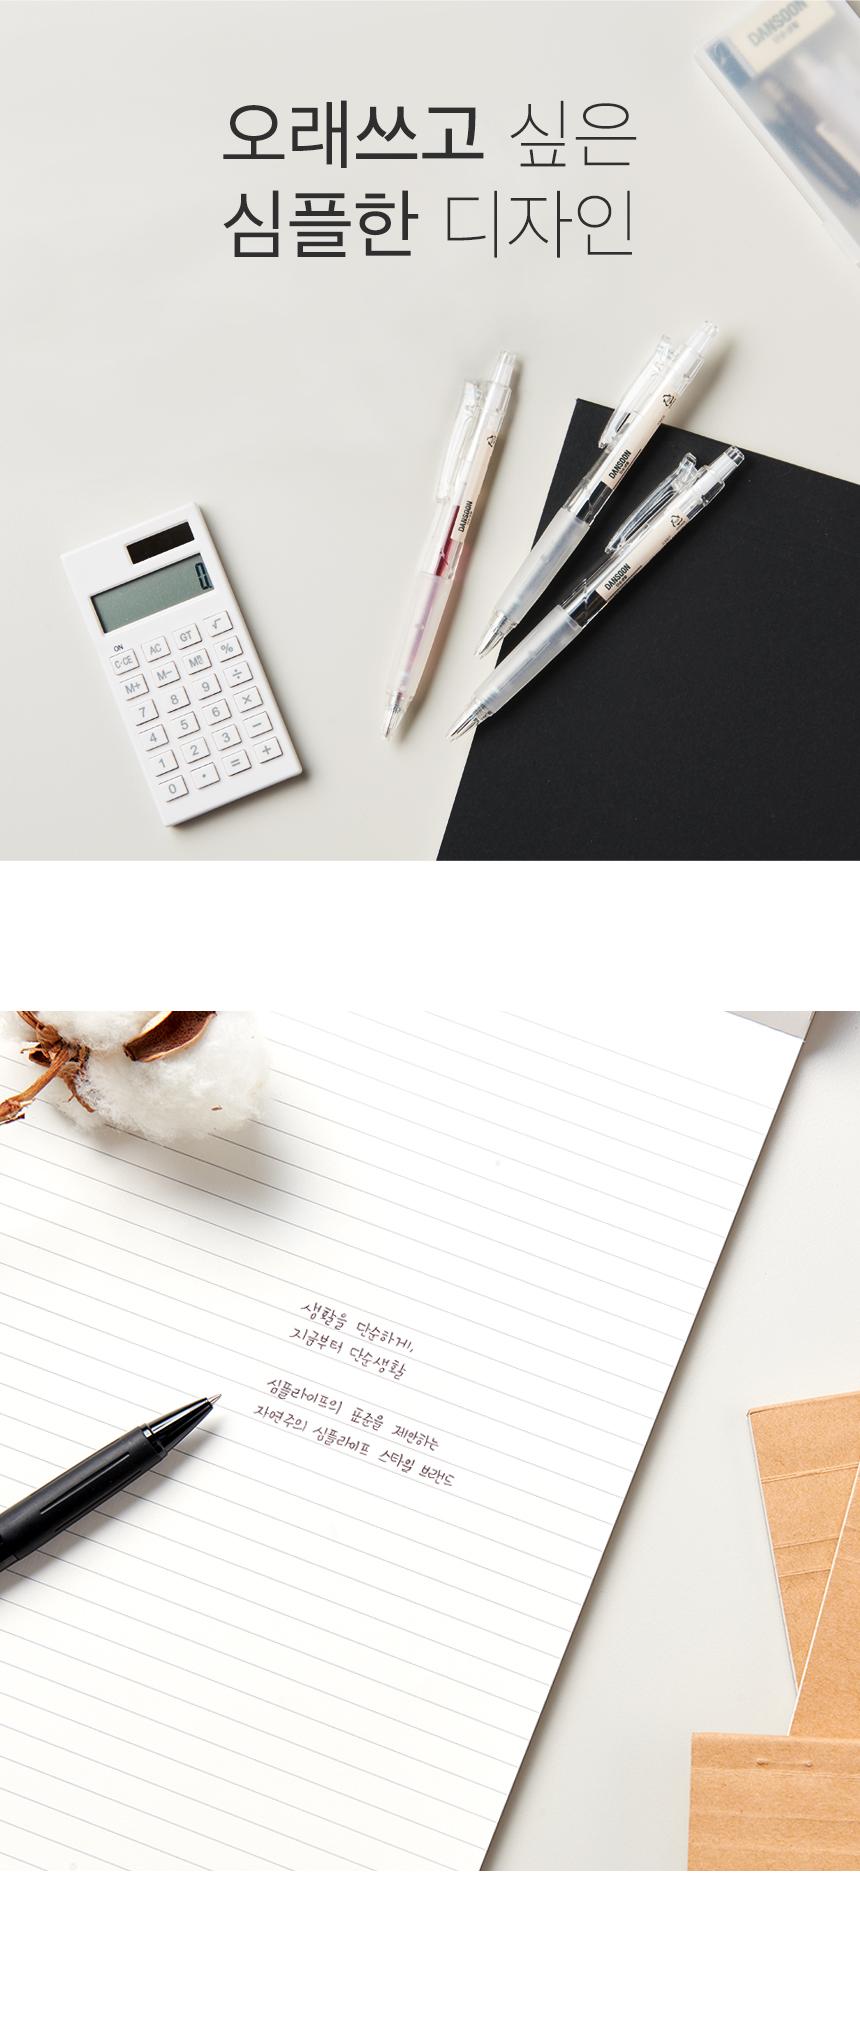 단순생활 칼라잉크 젤펜1,500원-단순생활디자인문구, 필기류, 수성/중성펜, 0.7바보사랑단순생활 칼라잉크 젤펜1,500원-단순생활디자인문구, 필기류, 수성/중성펜, 0.7바보사랑